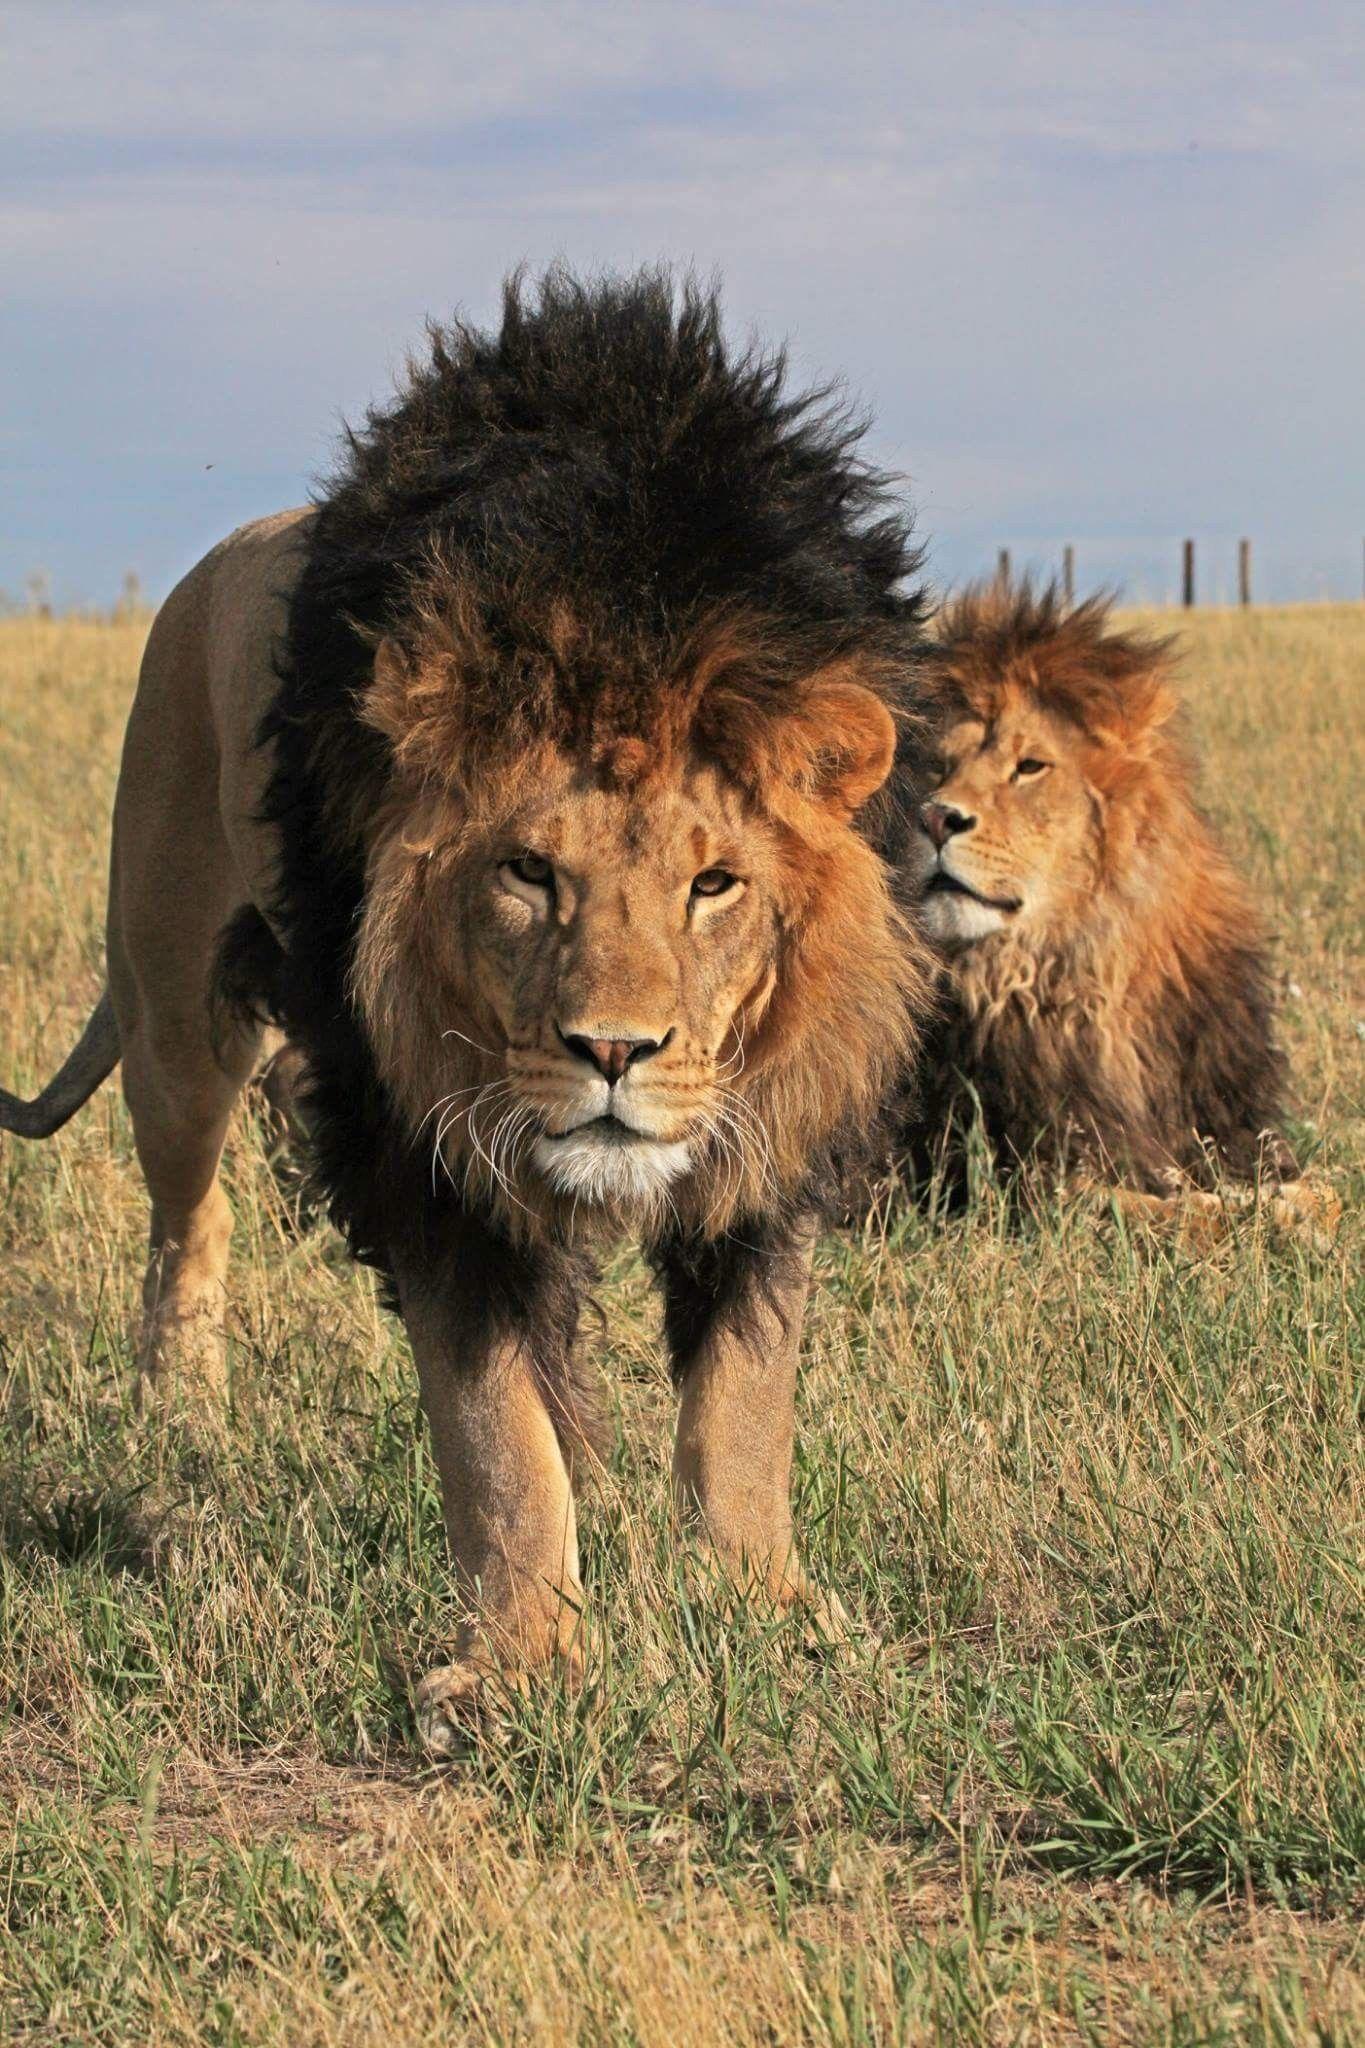 картины со львами фото короткое пожелание виктории